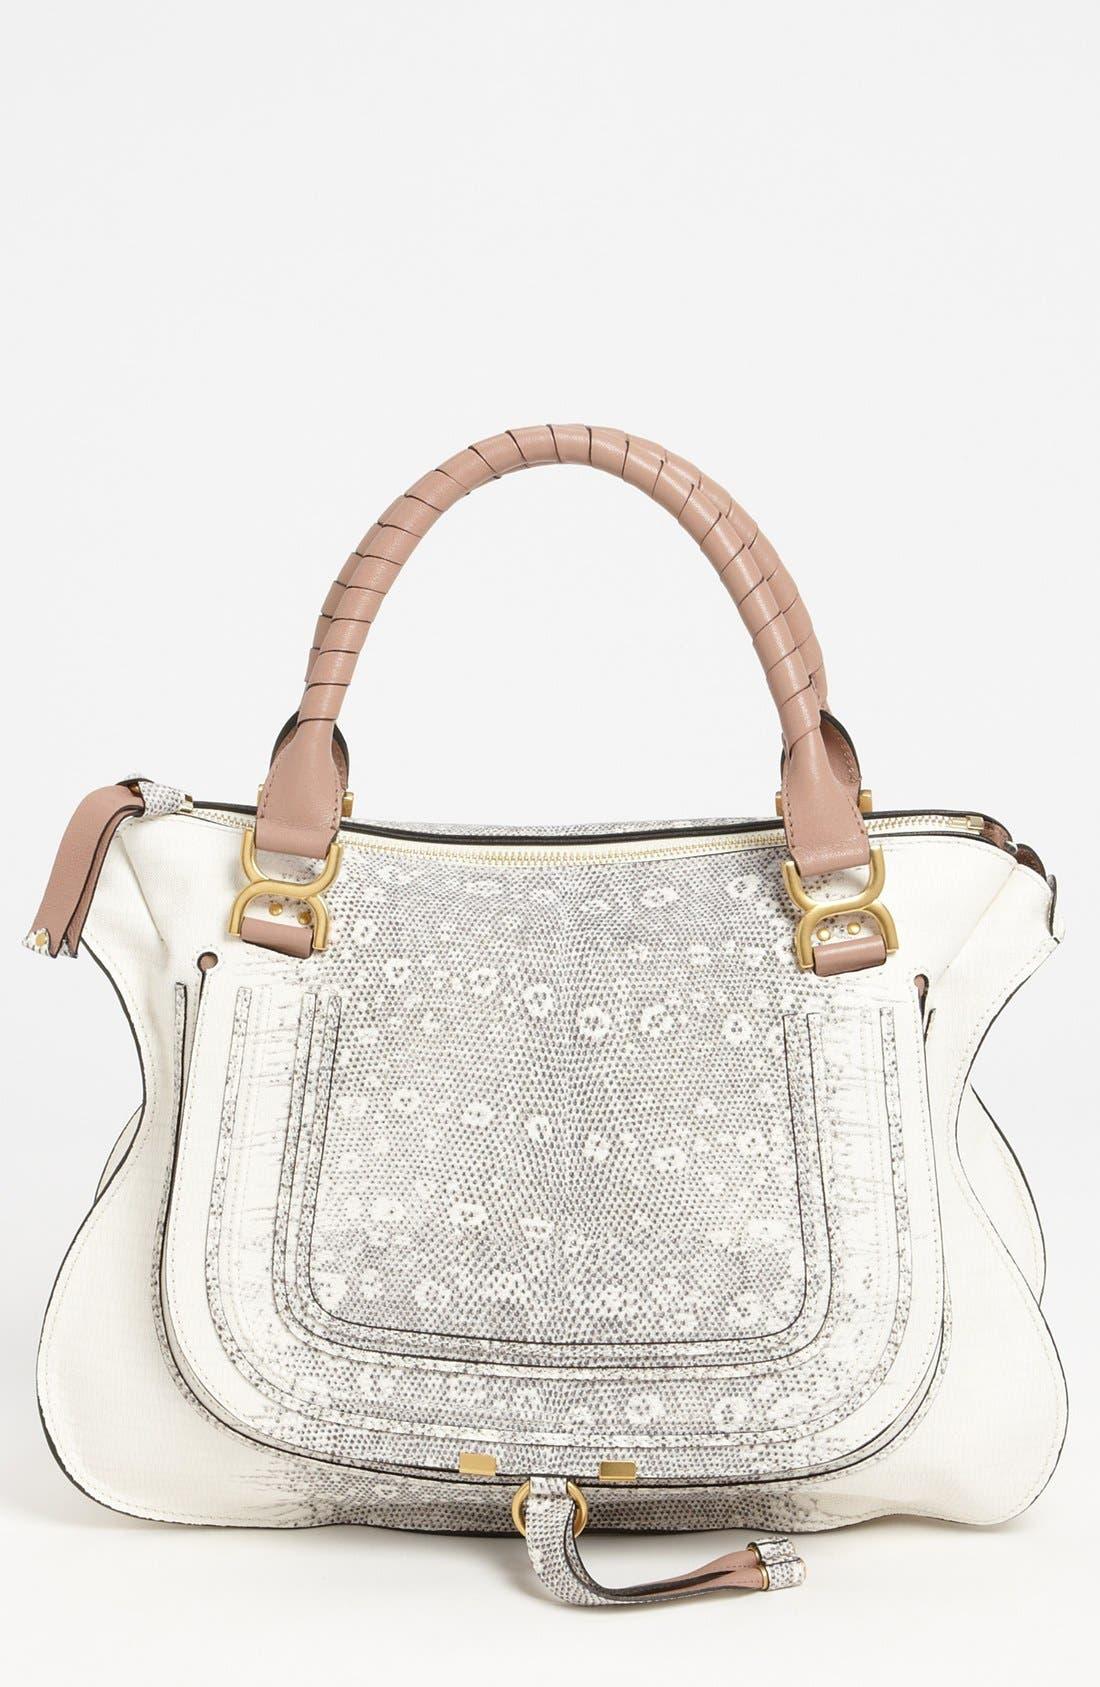 Alternate Image 1 Selected - Chloé 'Marcie - Large' Lizard Print Leather Shoulder Bag